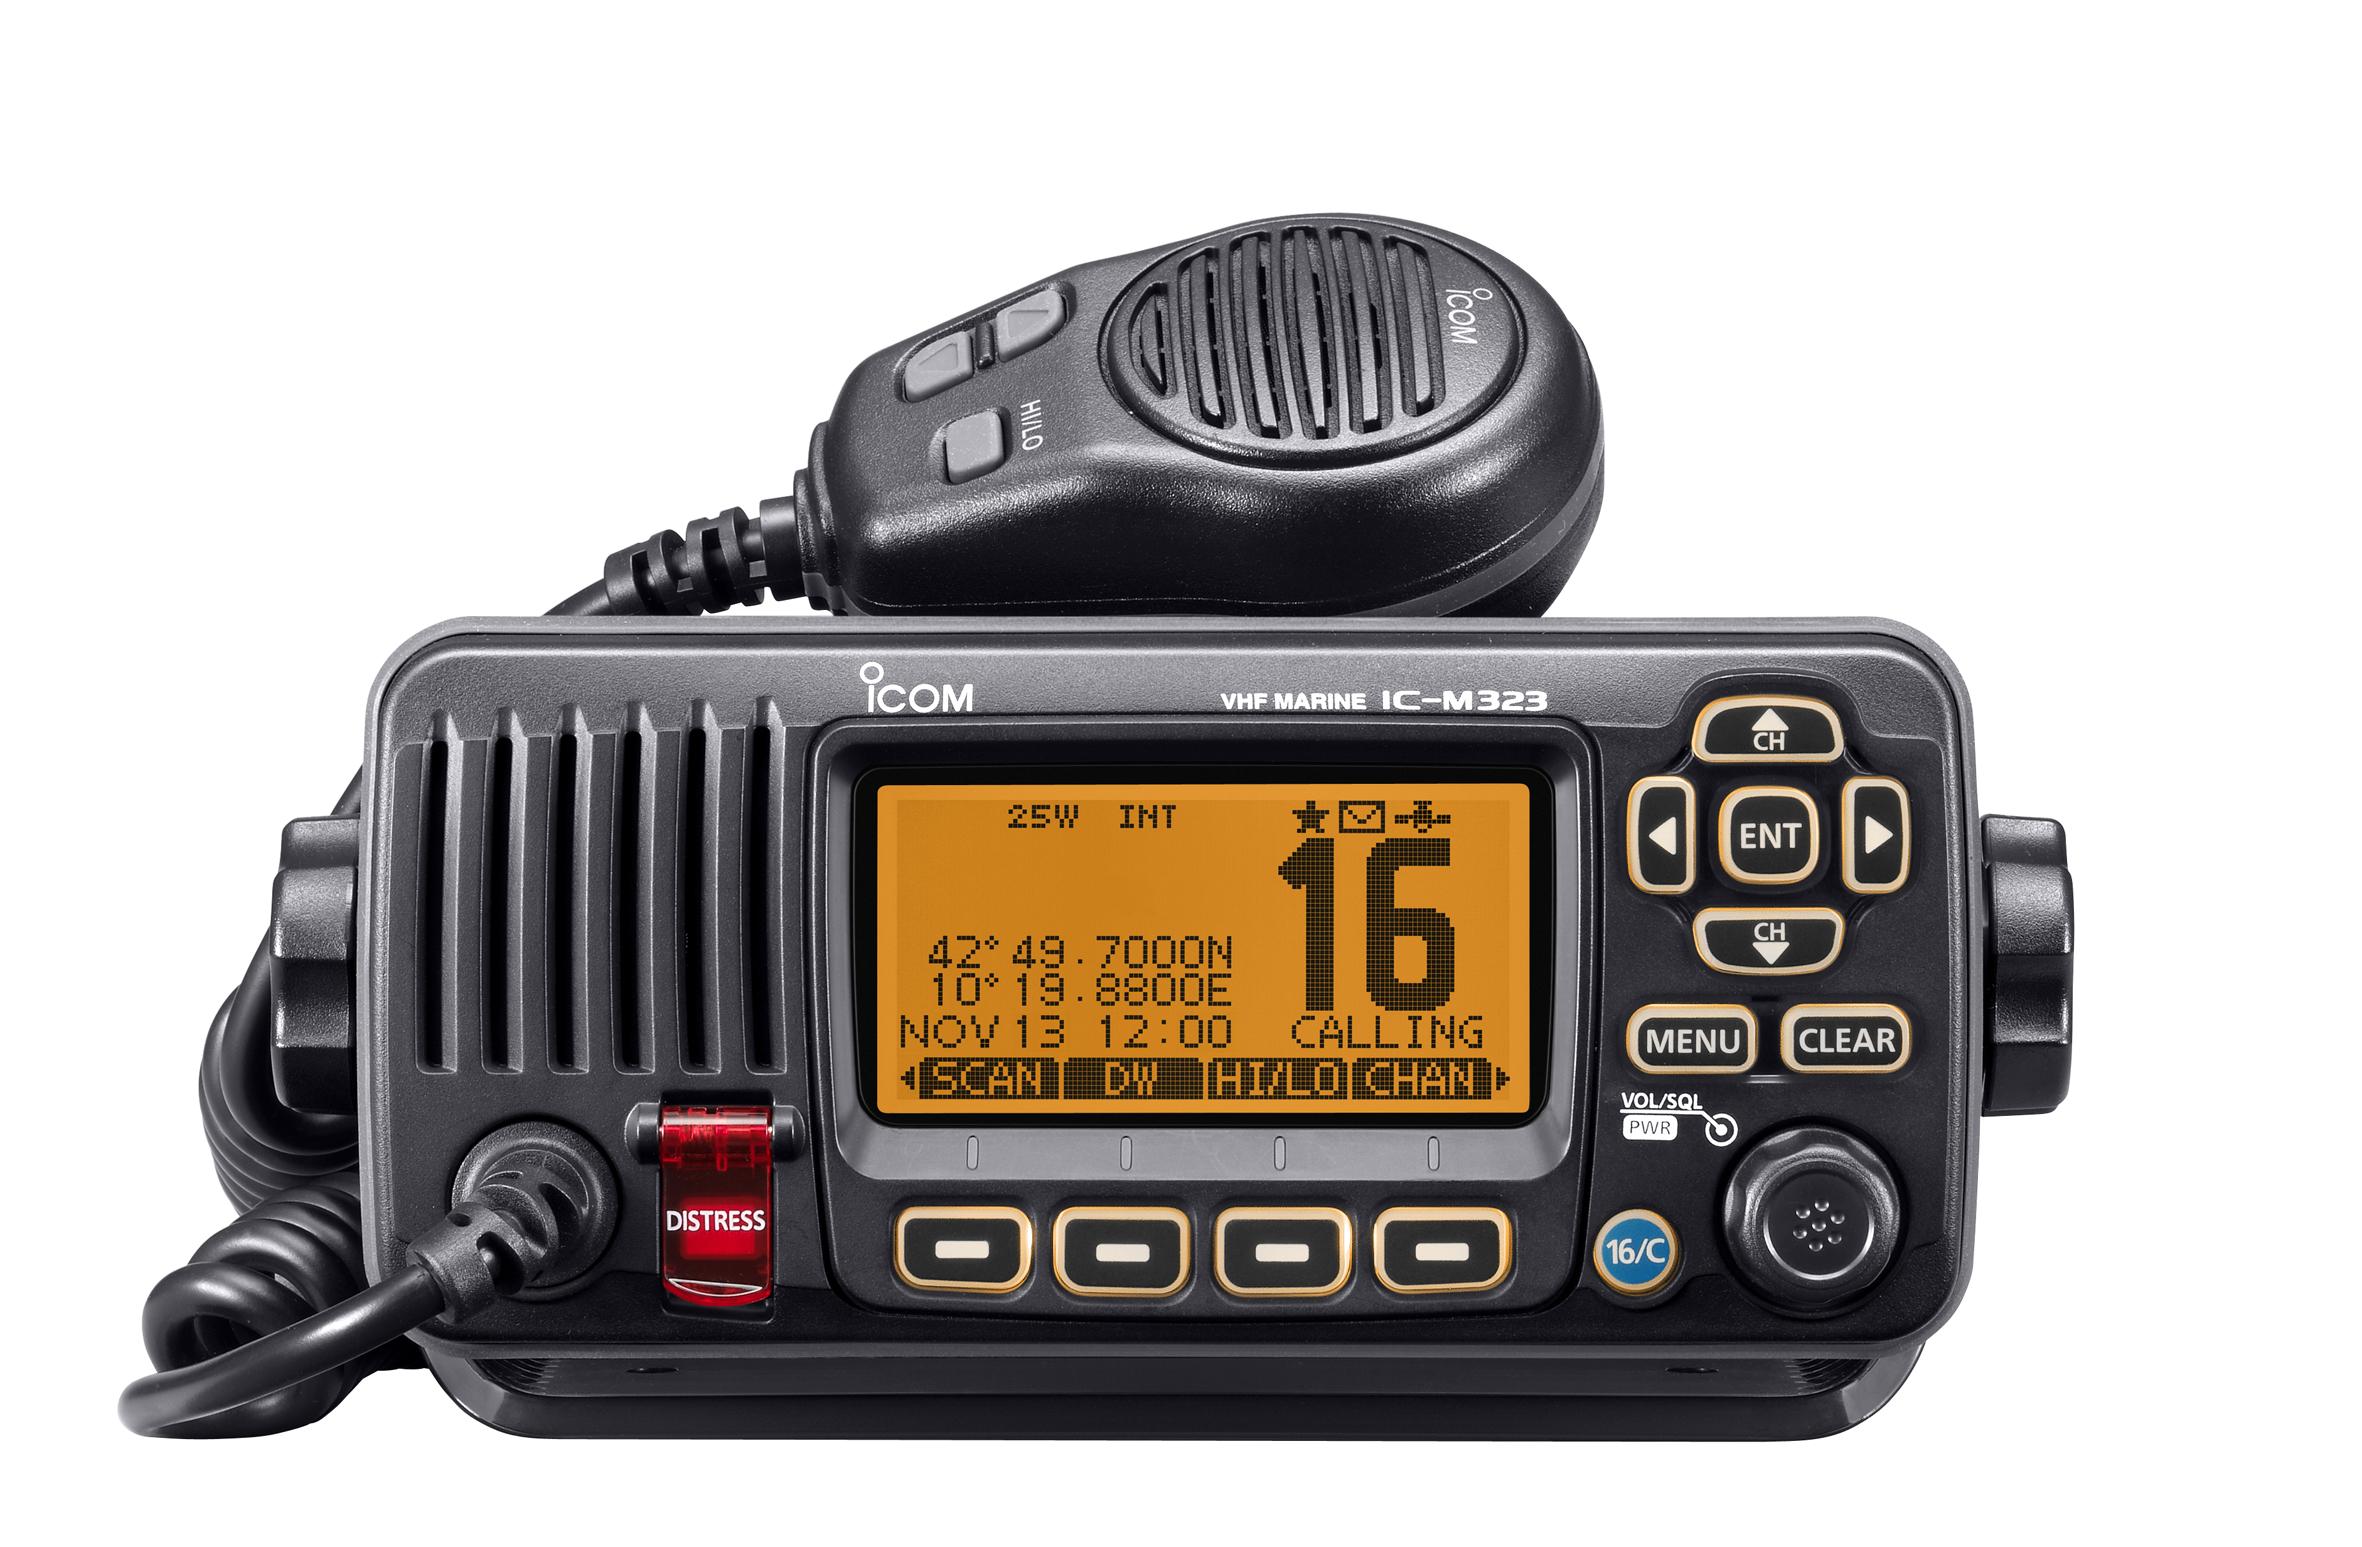 Kiinteät VHF-puhelimet